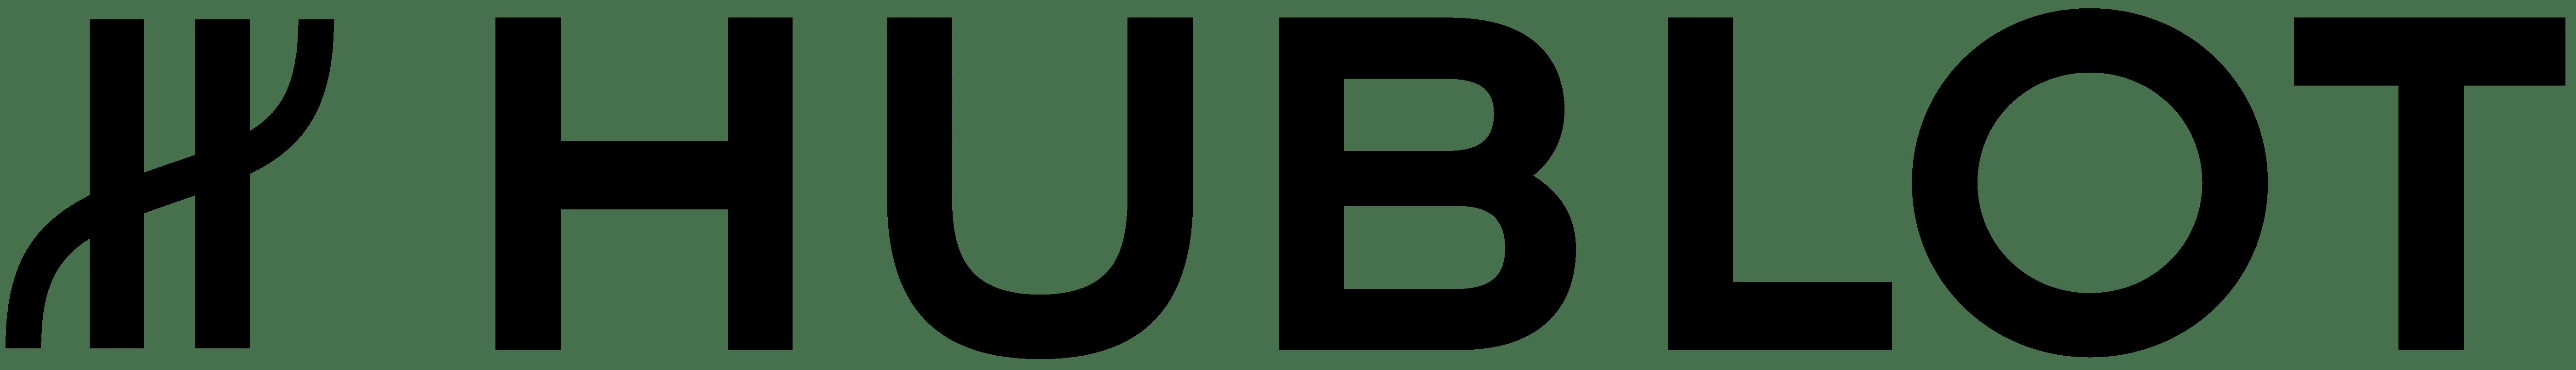 Hublot Logos Download